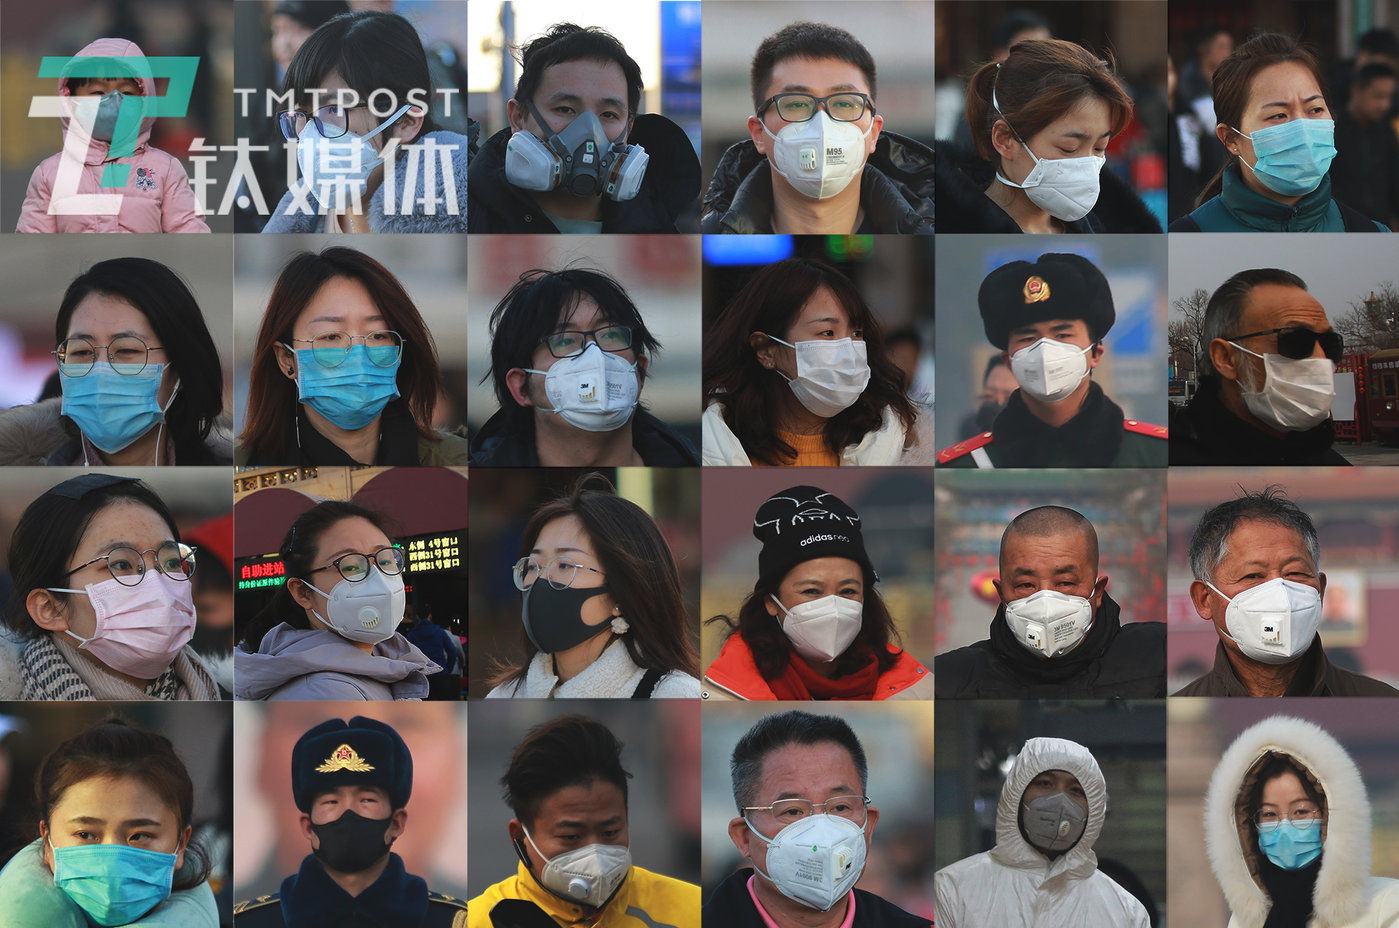 疫情阴影下,戴着口罩的国人。